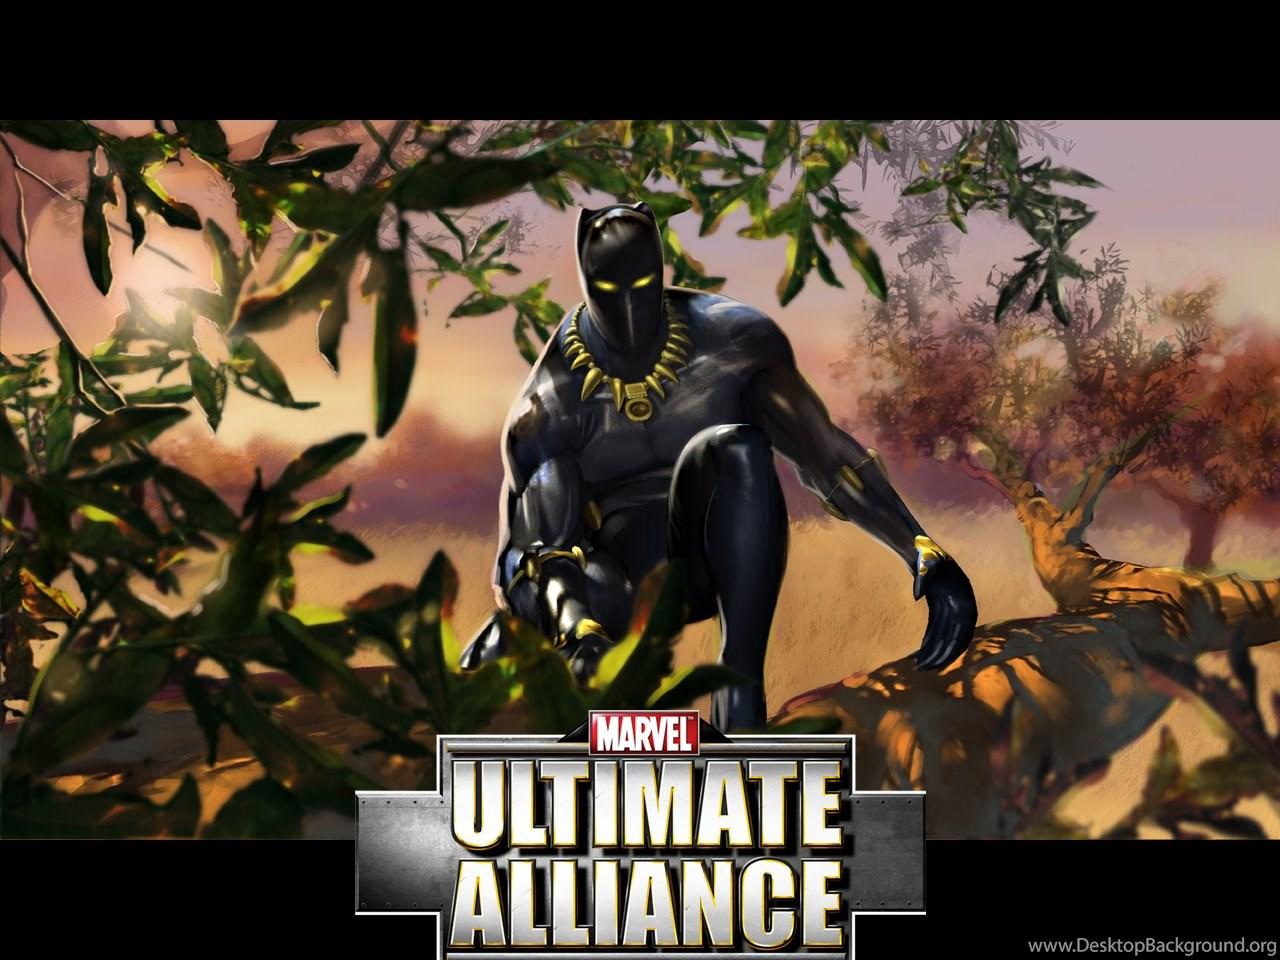 Black Panther Marvel Ultimate Alliance Wallpapers Desktop Background